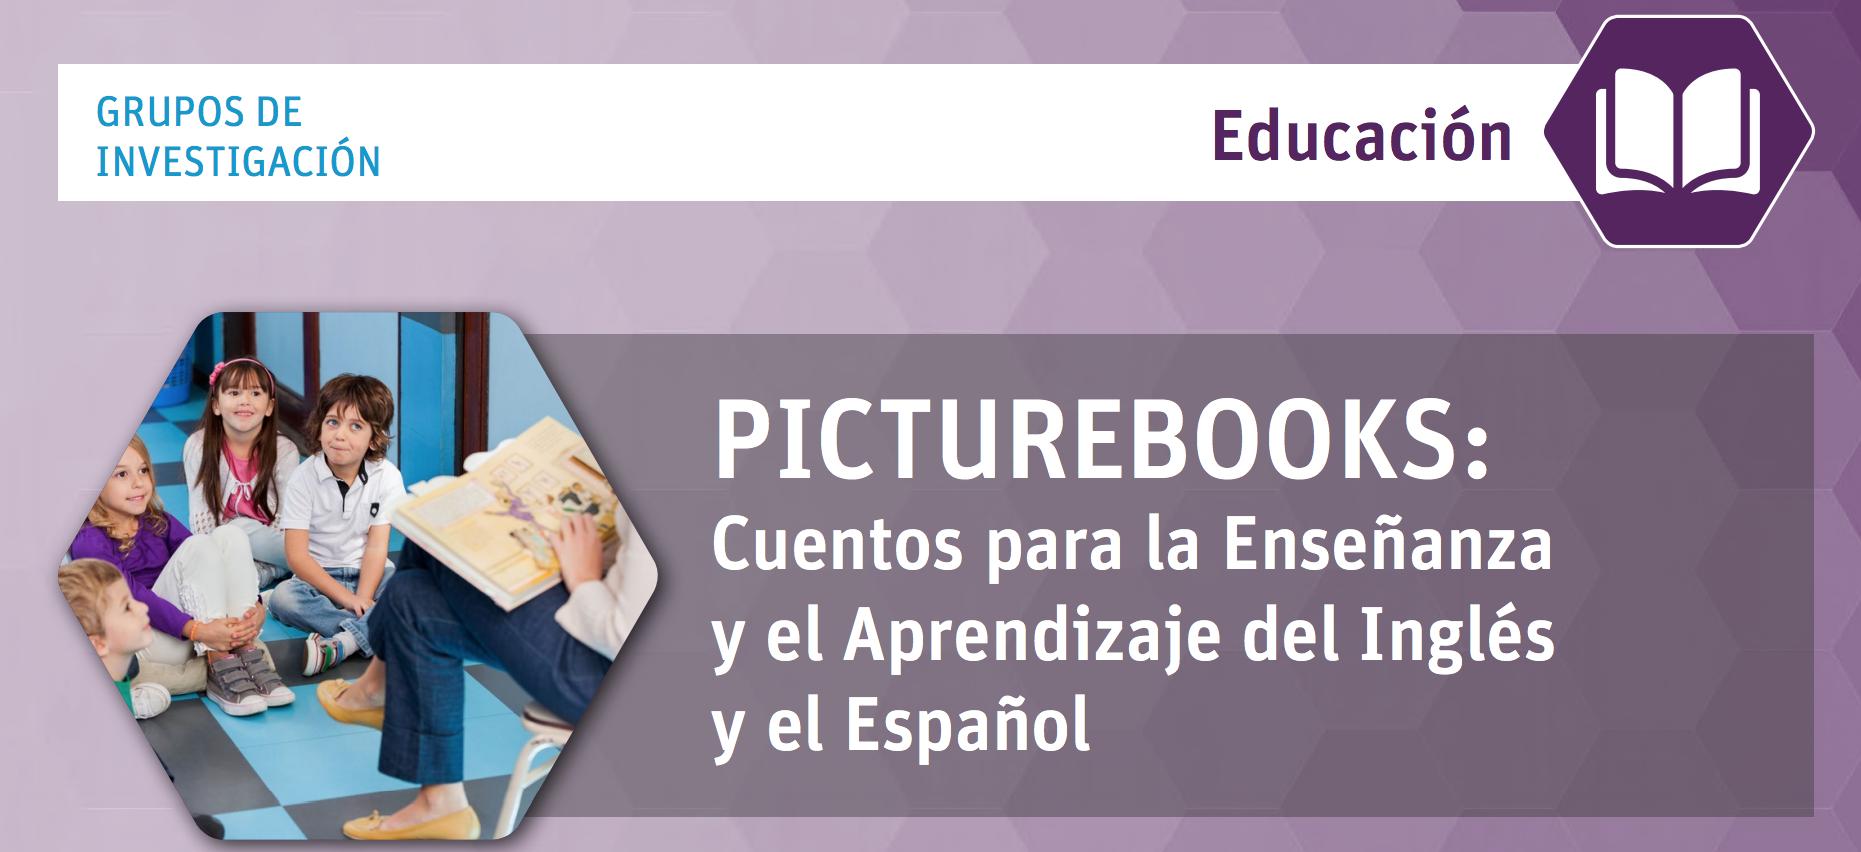 Picturebooks: Cuentos para la enseñanza y el aprendizaje del inglés y el español